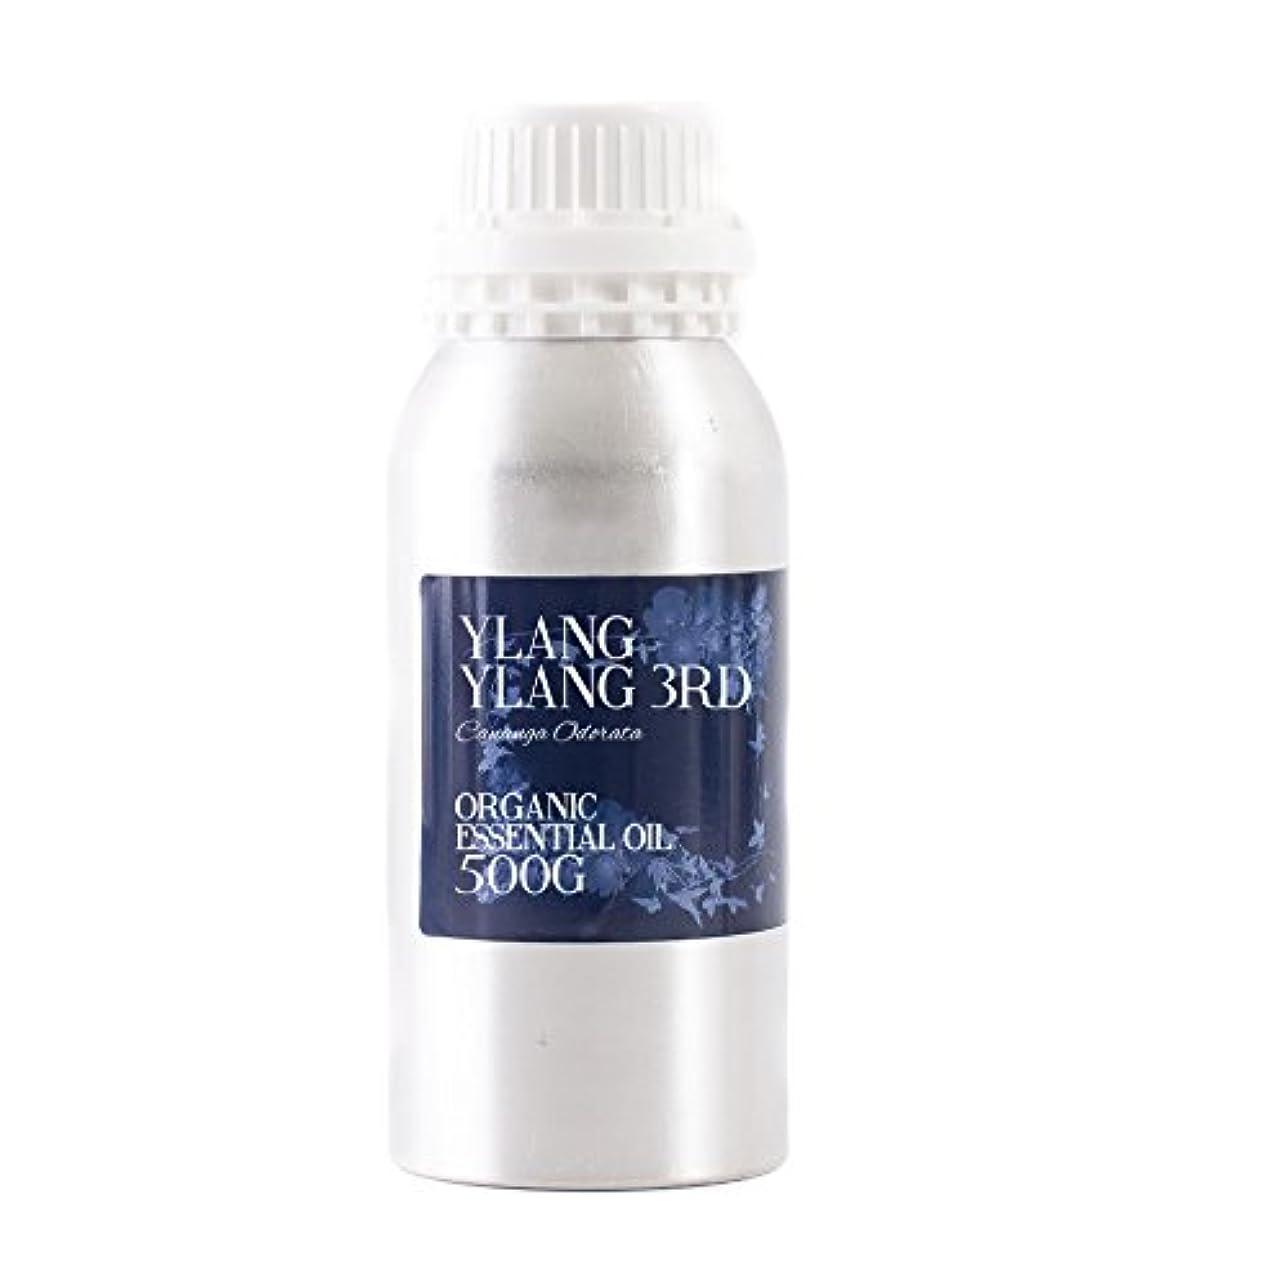 ライブ受粉者フェリーMystic Moments | Ylang Ylang 3rd Organic Essential Oil - 500g - 100% Pure